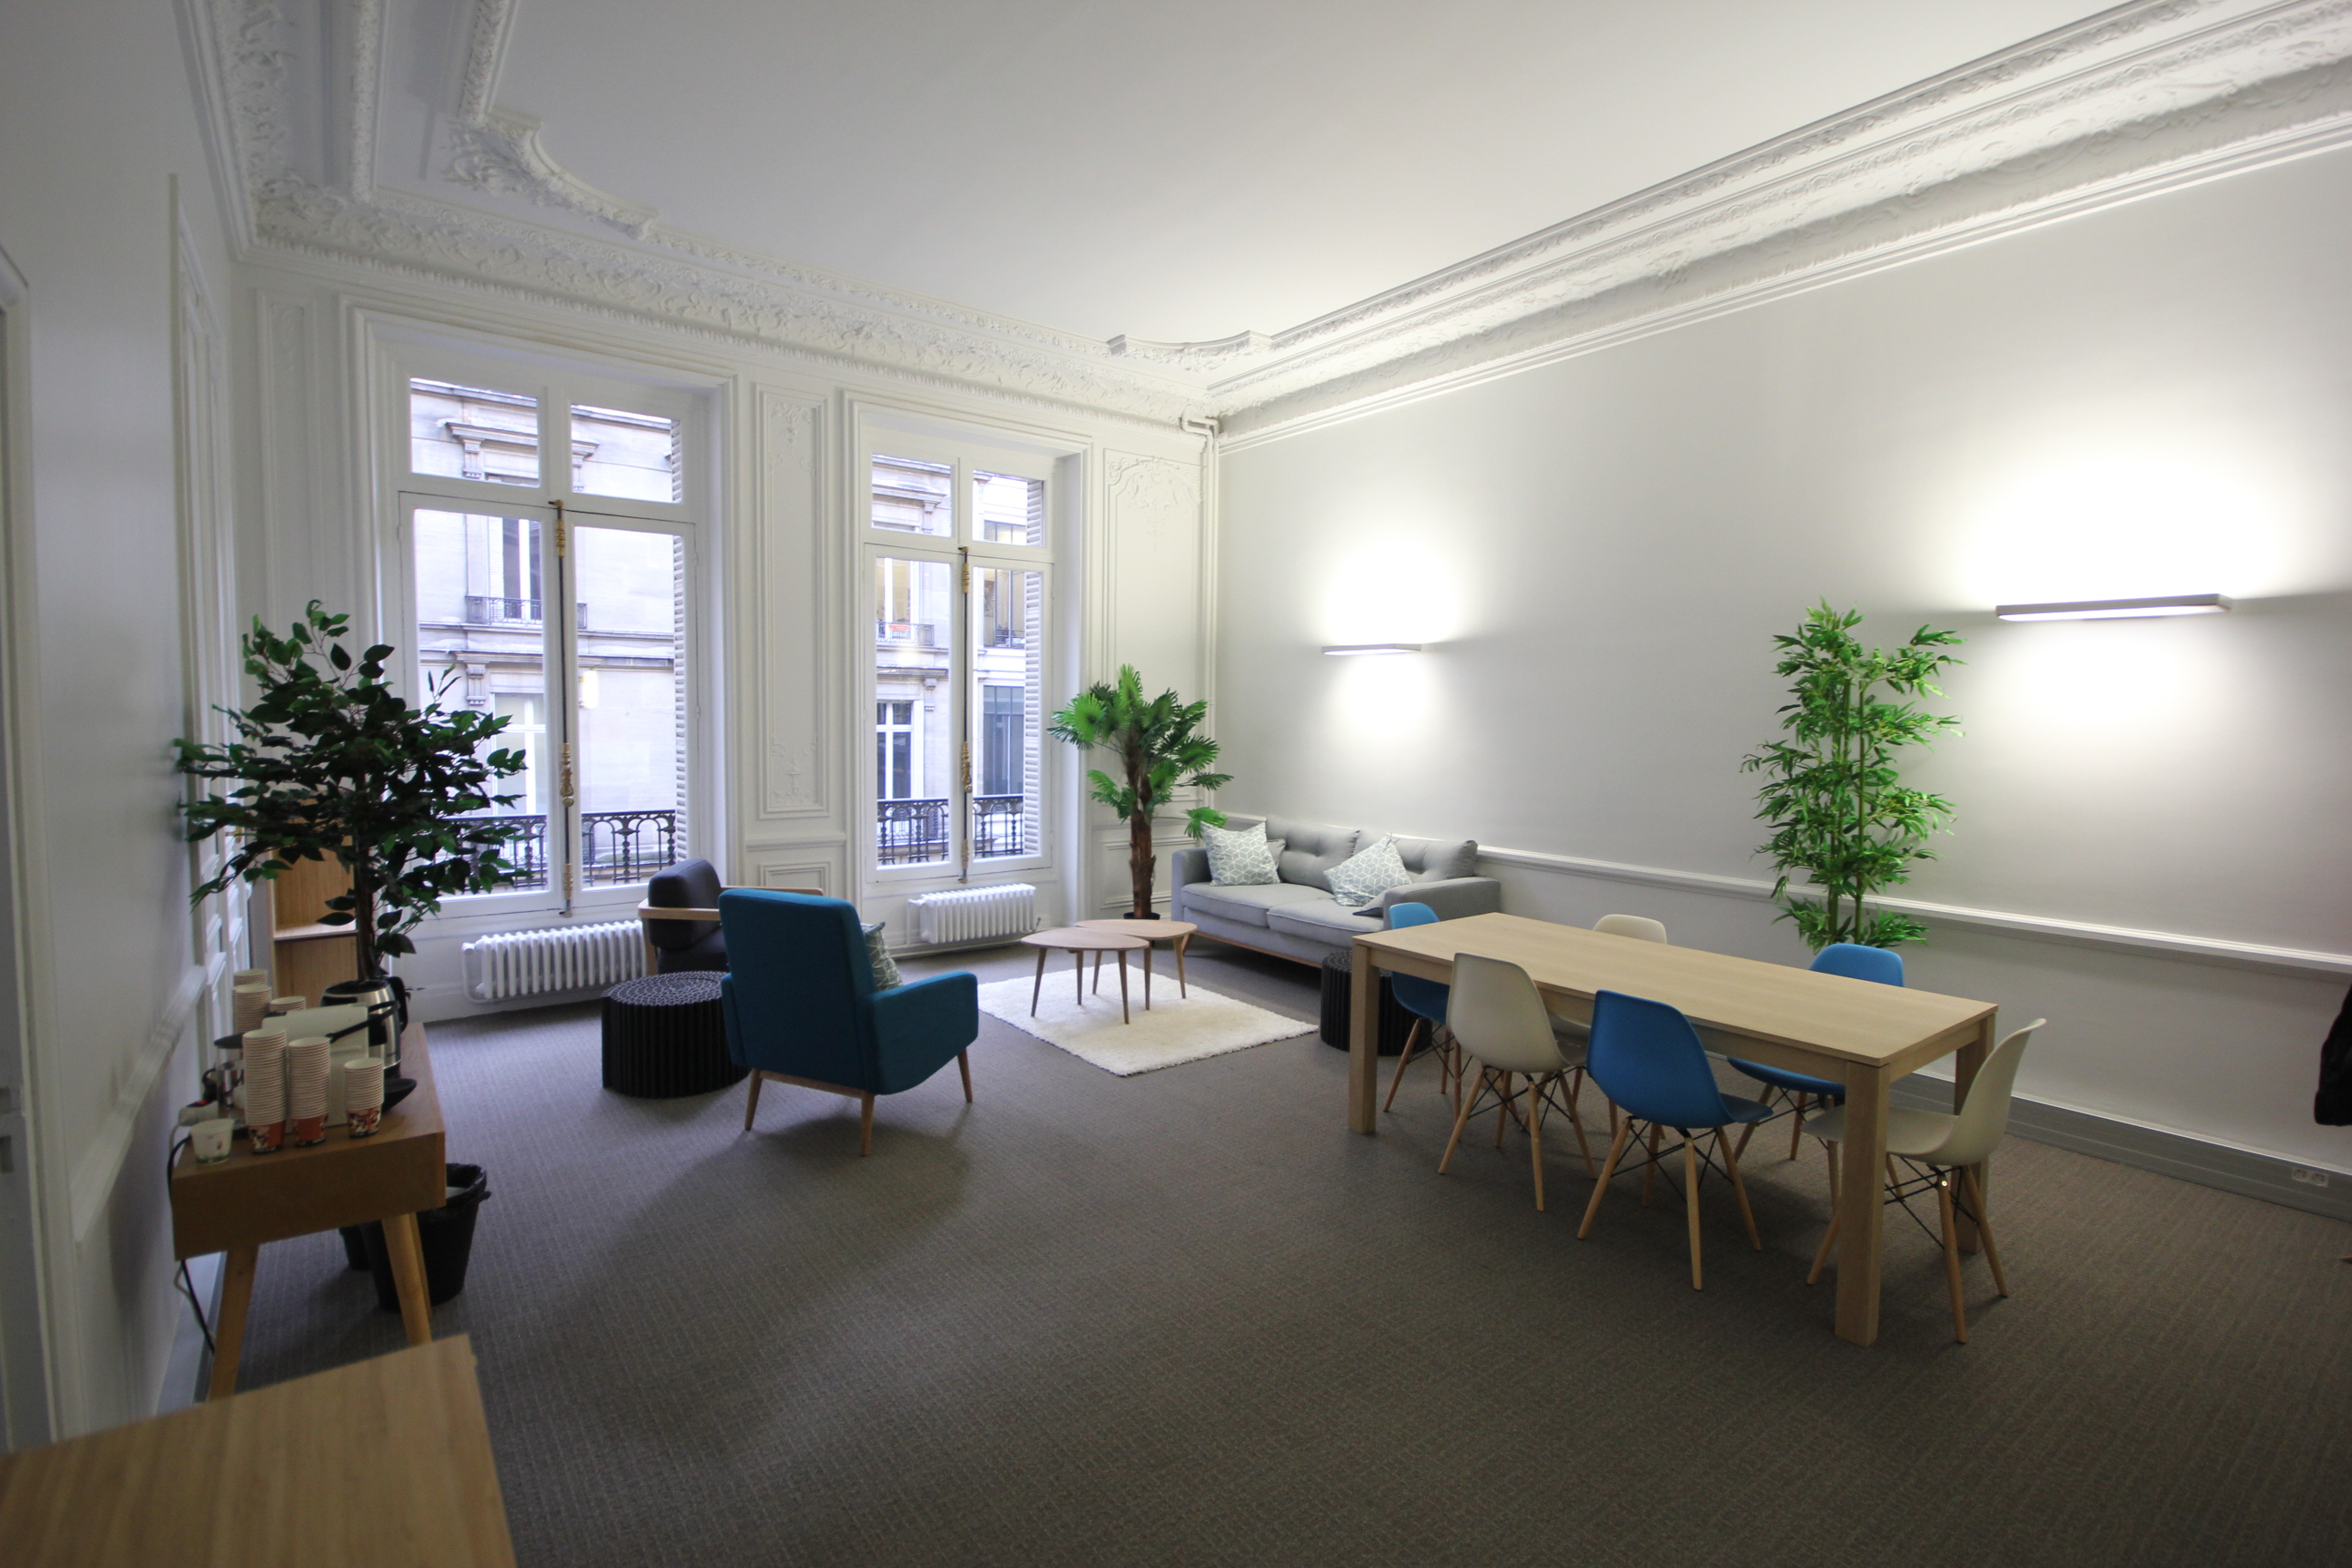 bons plans les bureaux pas chers paris bureaux. Black Bedroom Furniture Sets. Home Design Ideas